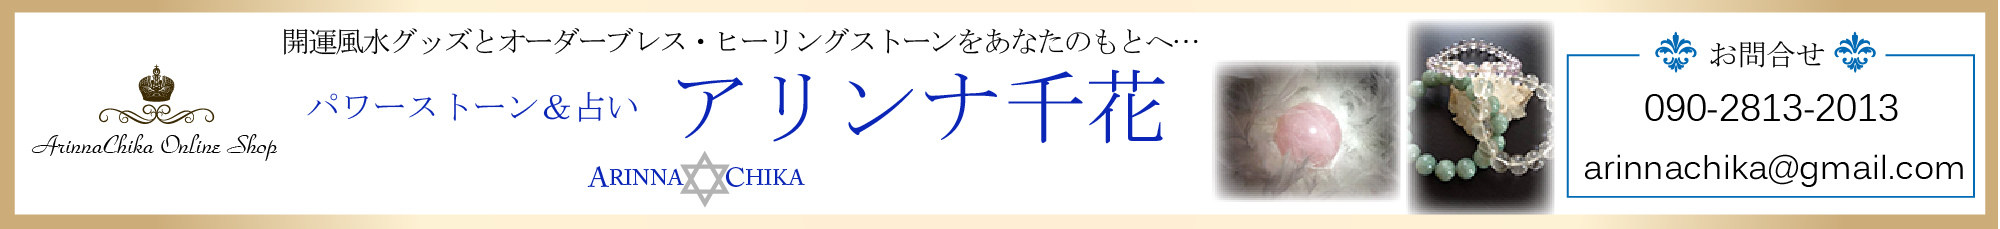 レアストーン【ARINNA STONE GALLERY】